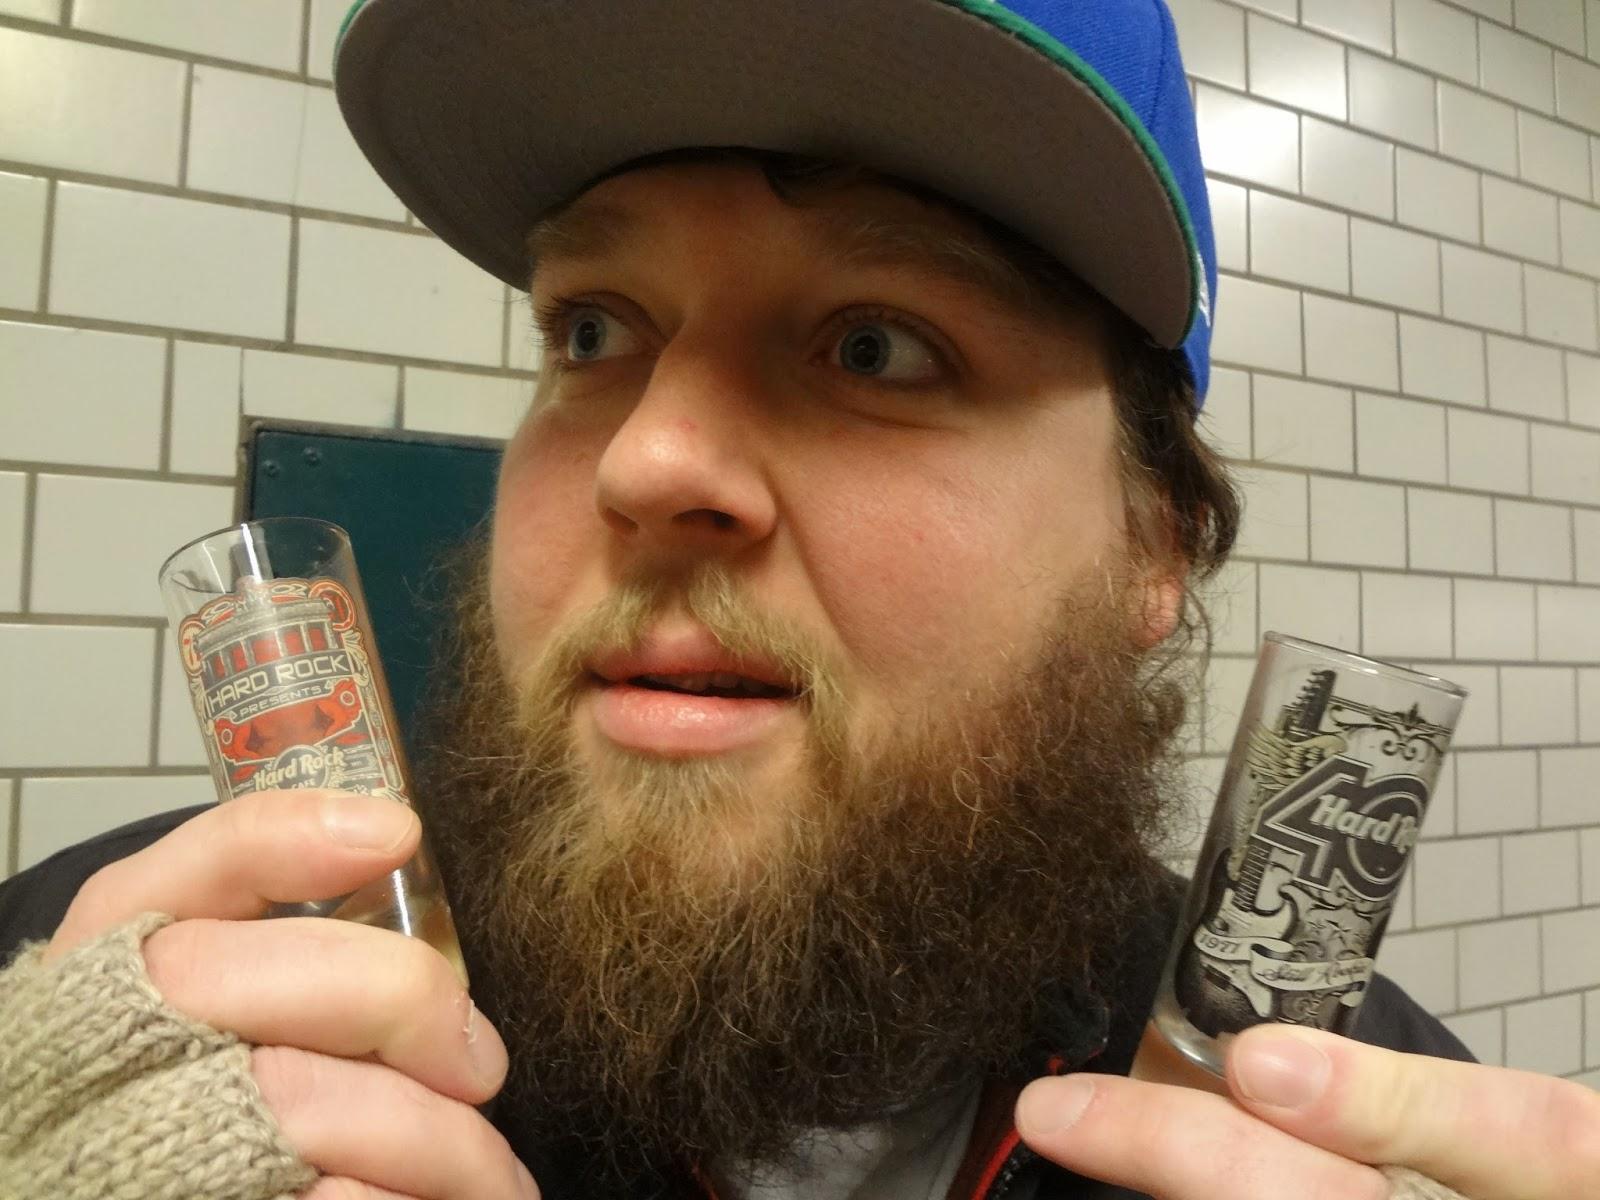 Berlin Ian Drinking Tour of the Berlin U-Bahn